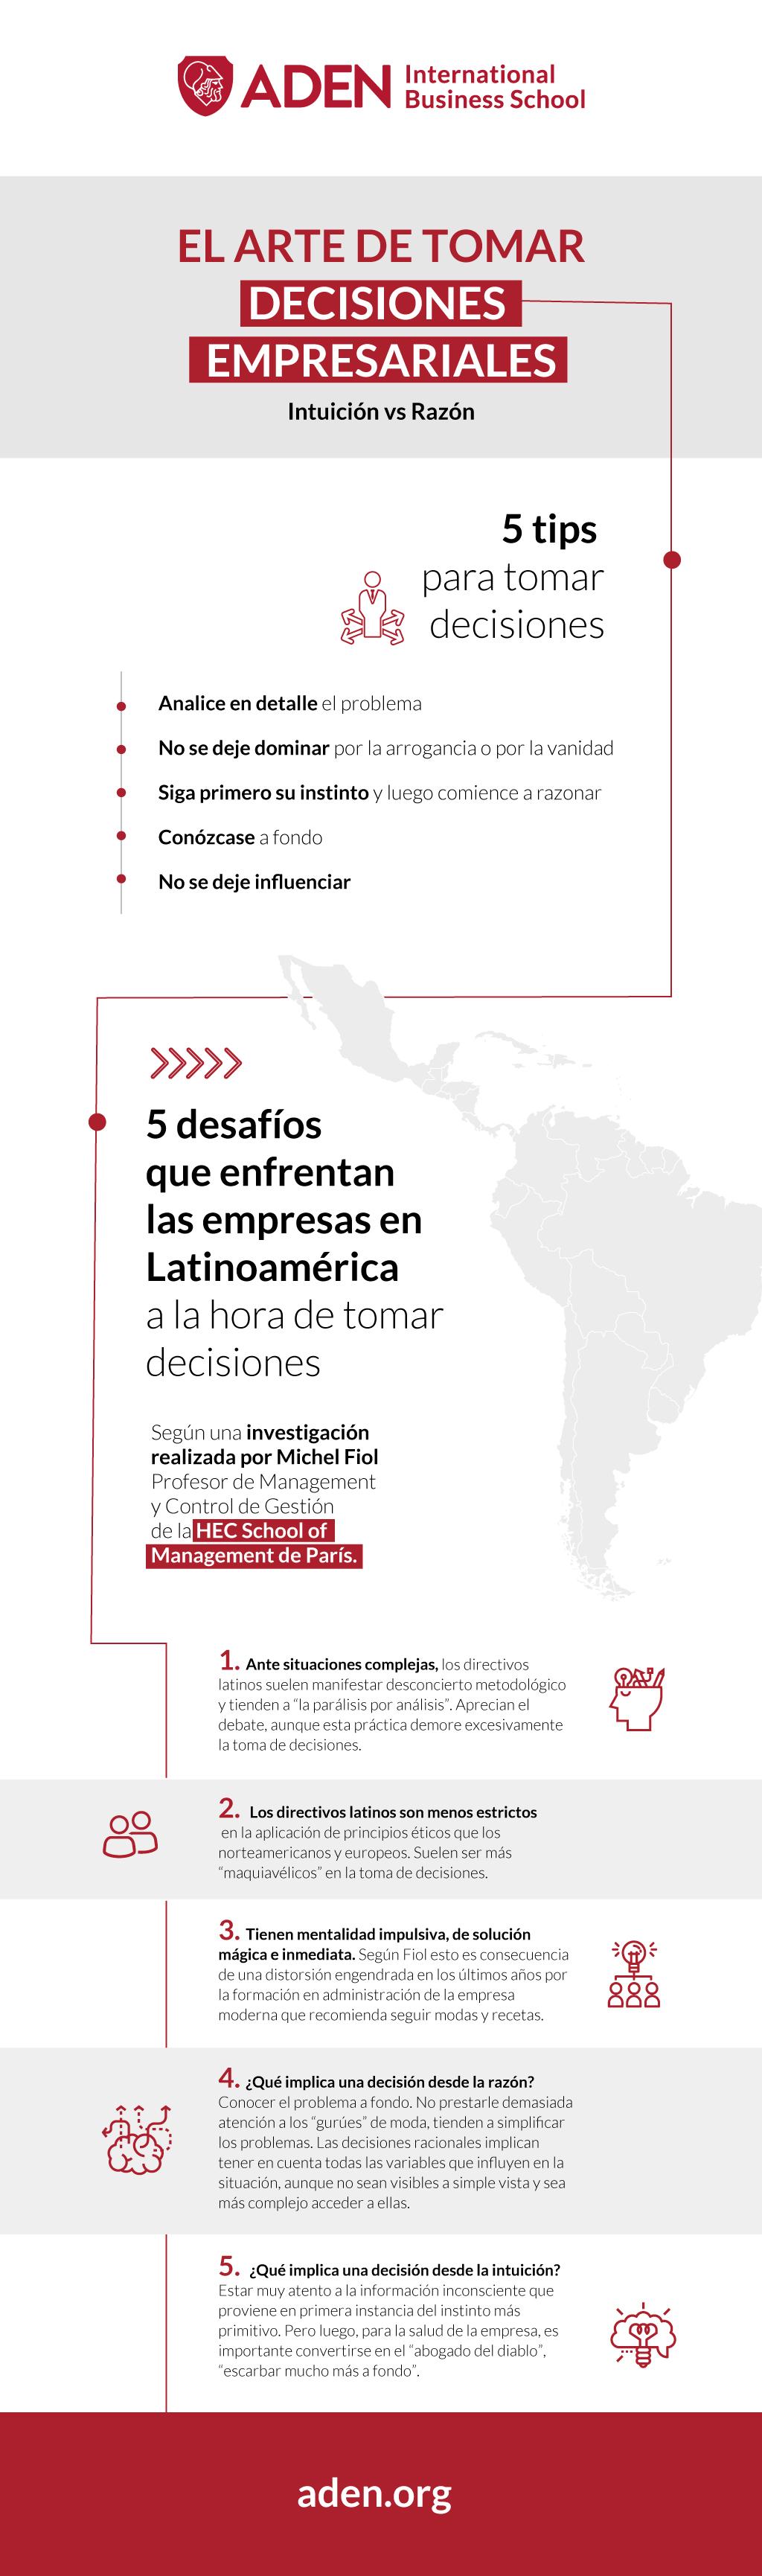 Infografía - El Arte de tomar Decisiones Empresariales